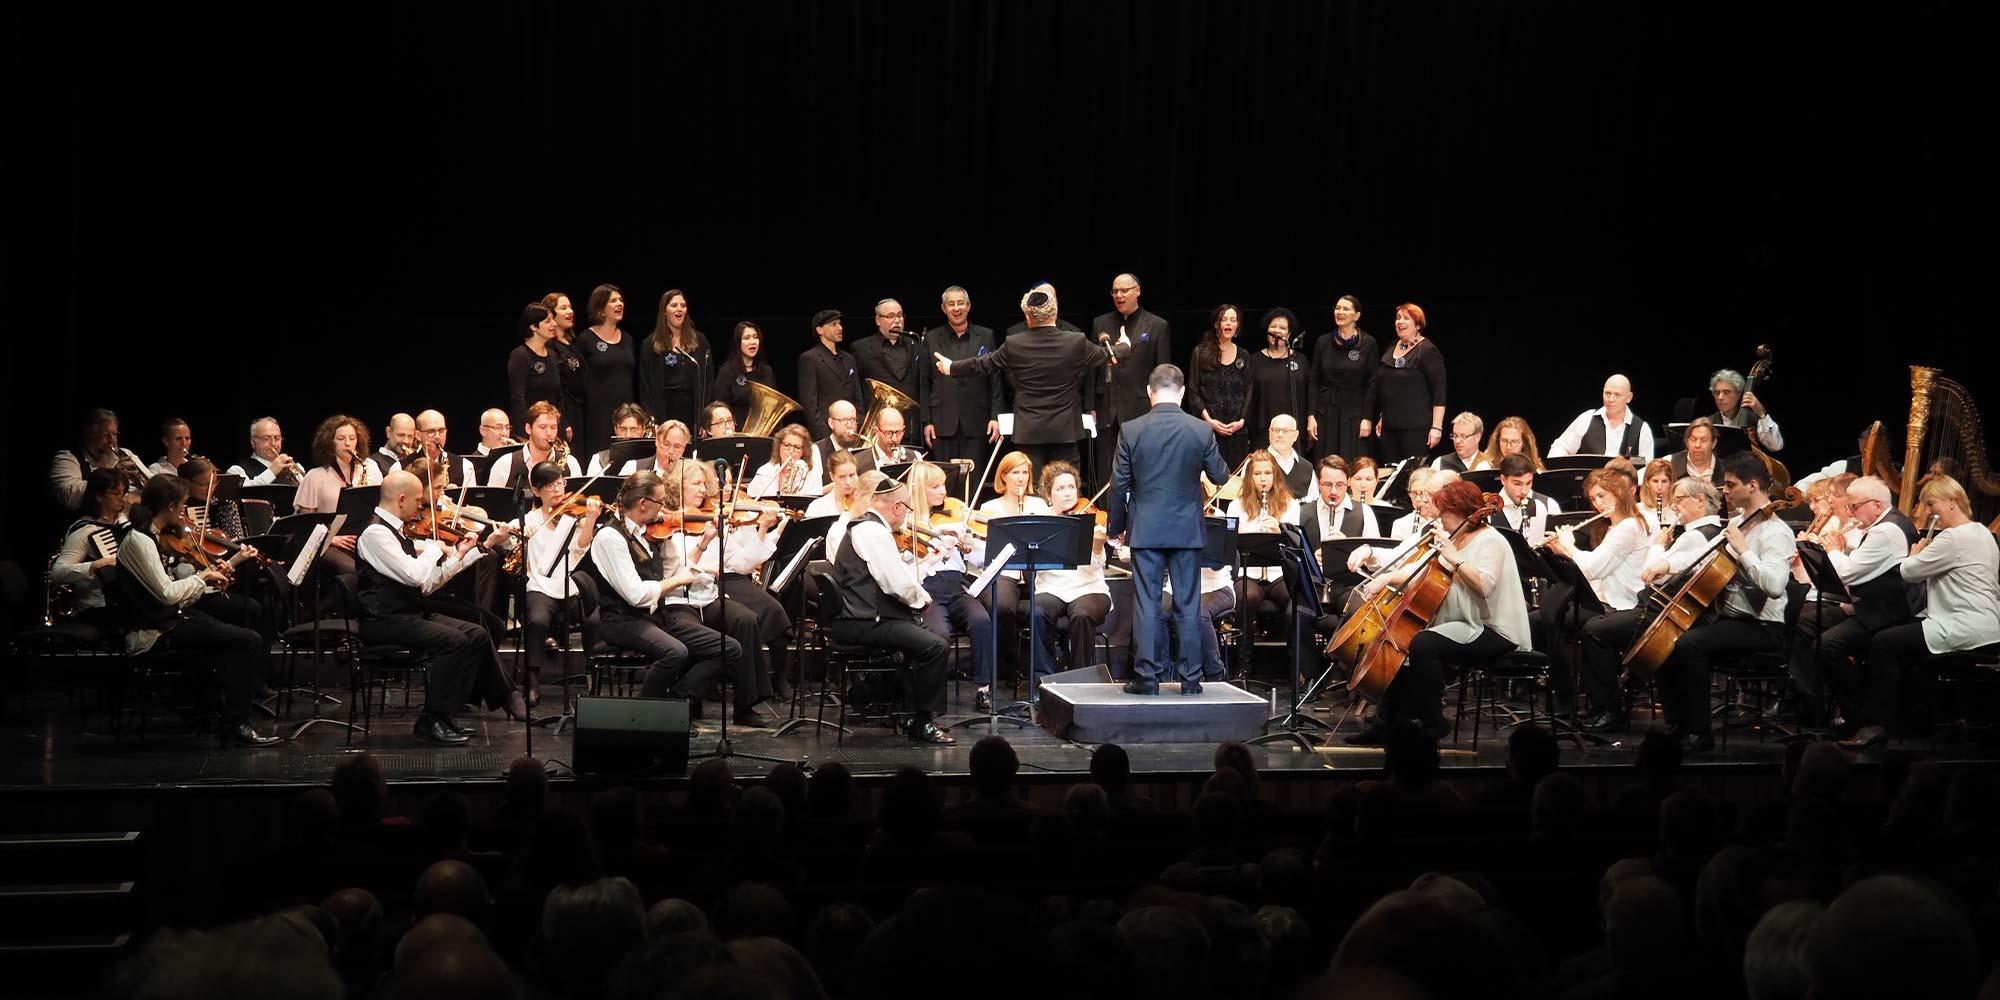 Wiener Klezmer Orchester